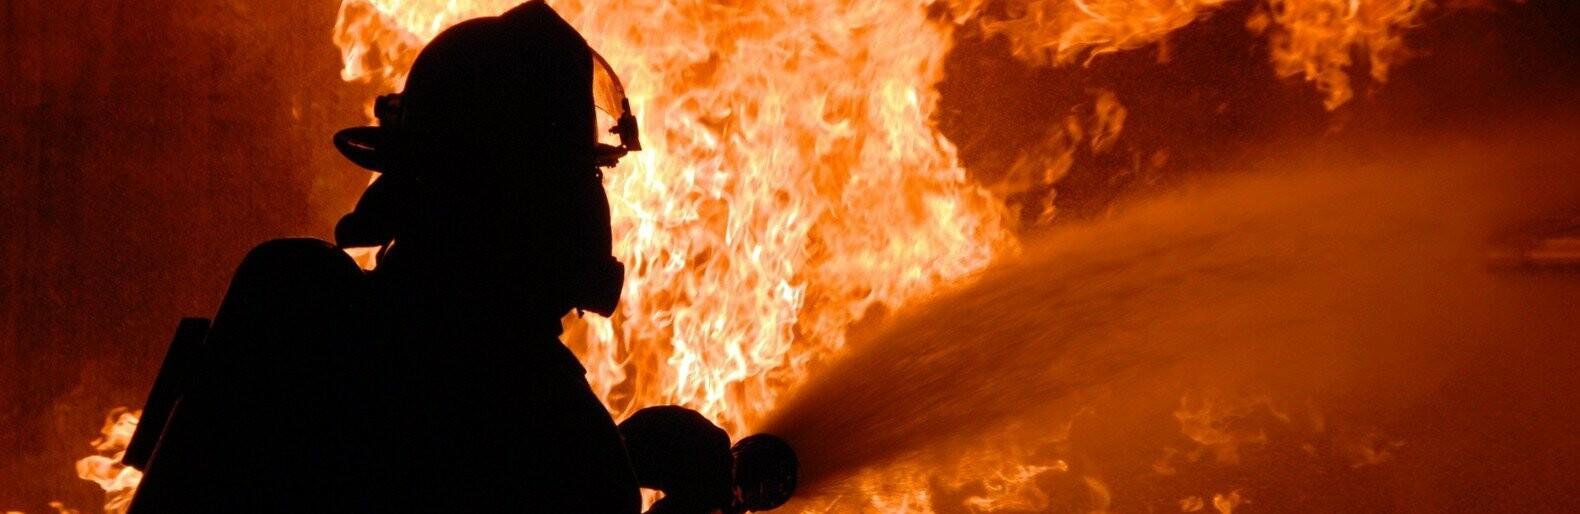 В Одессе электроодеяло стало причиной пожара, есть пострадавшие0